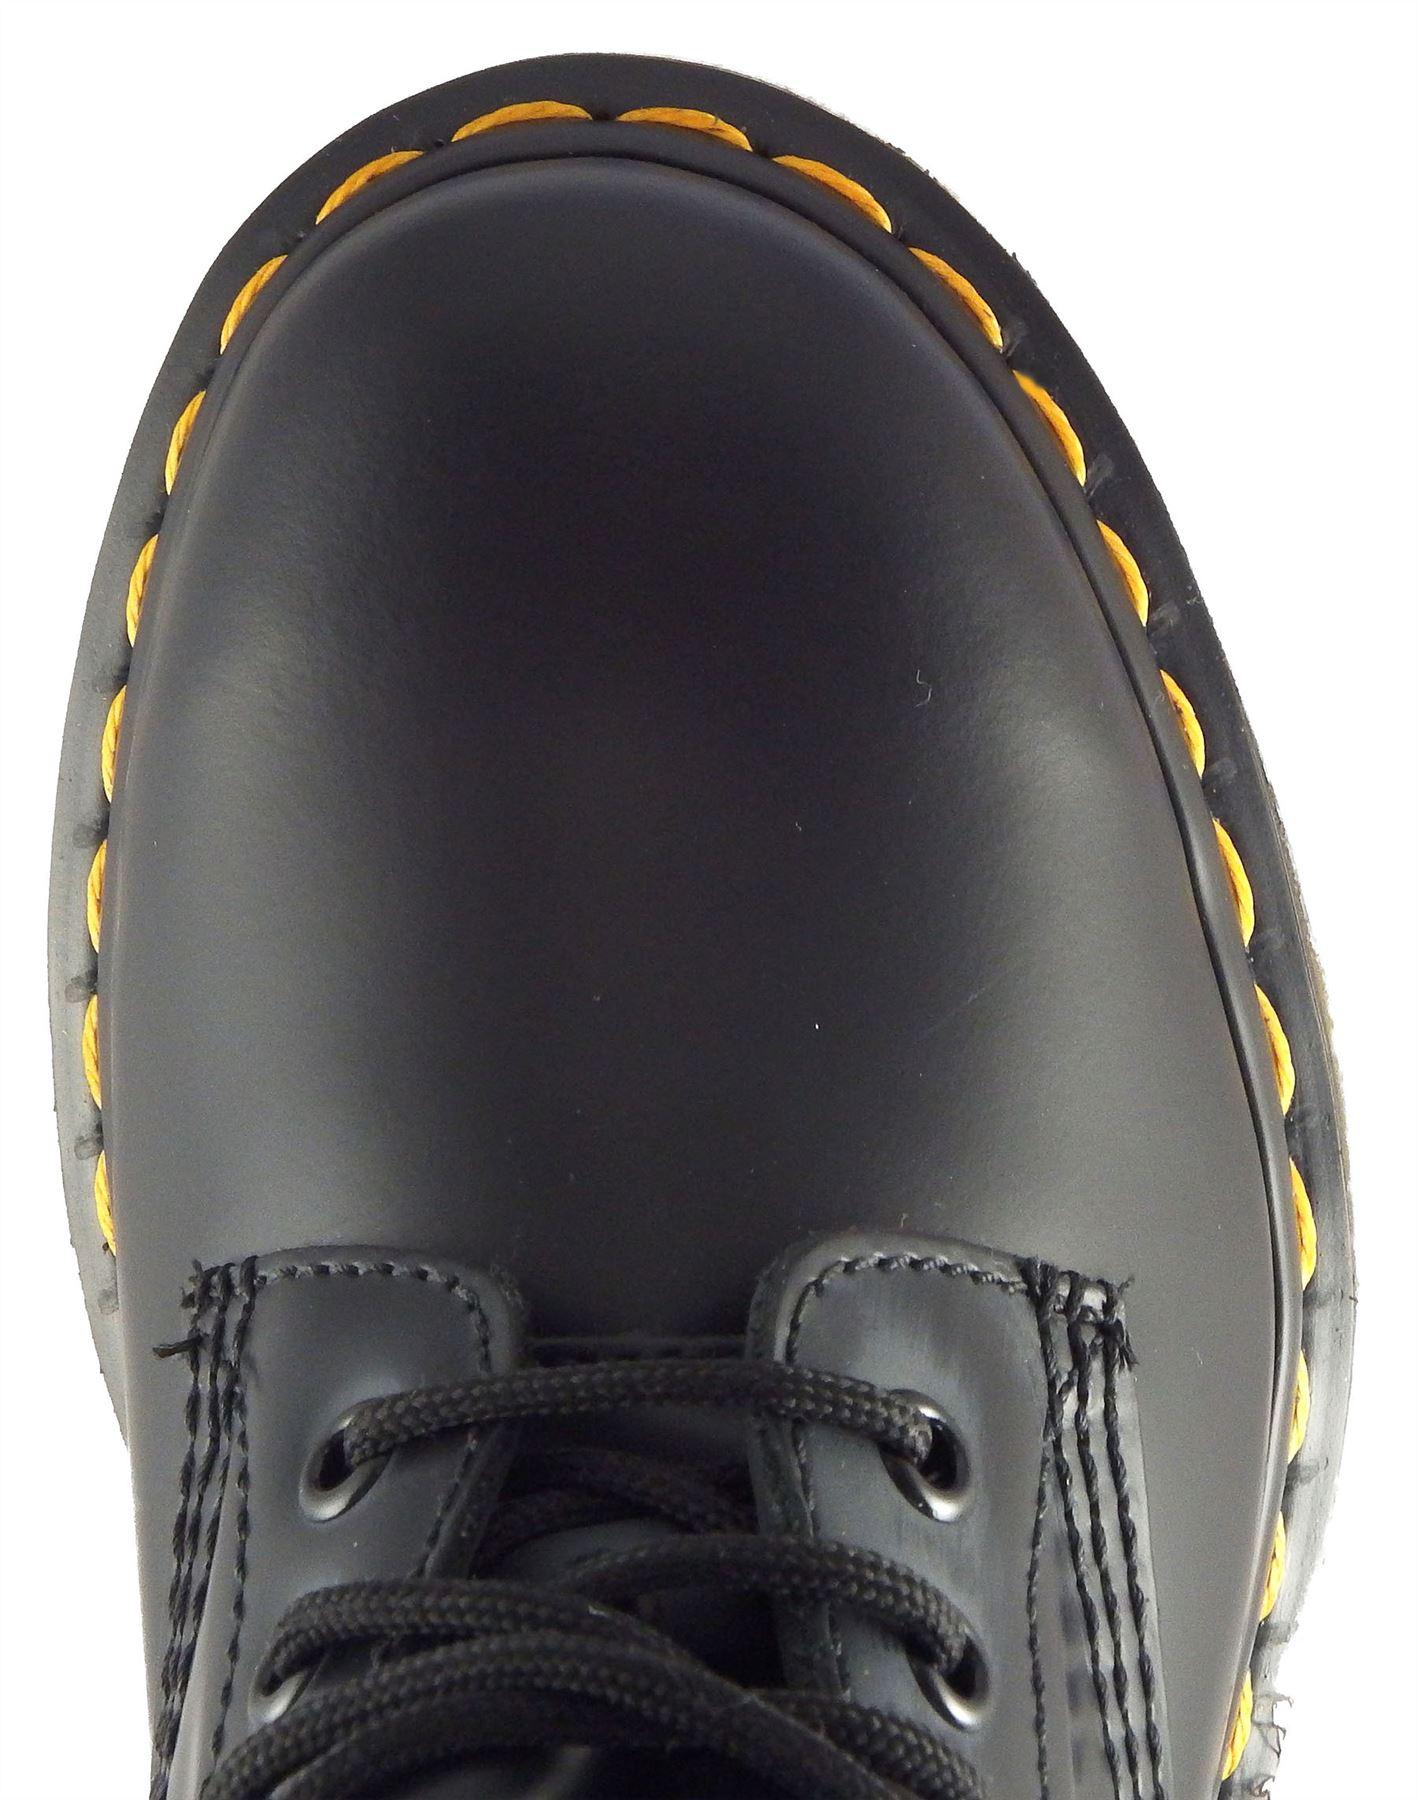 Dr Martens Airwair Unisex 1490 Smooth Leder 10 Eye Eye Eye Hi-Ankle Classic Stiefel 4551ff